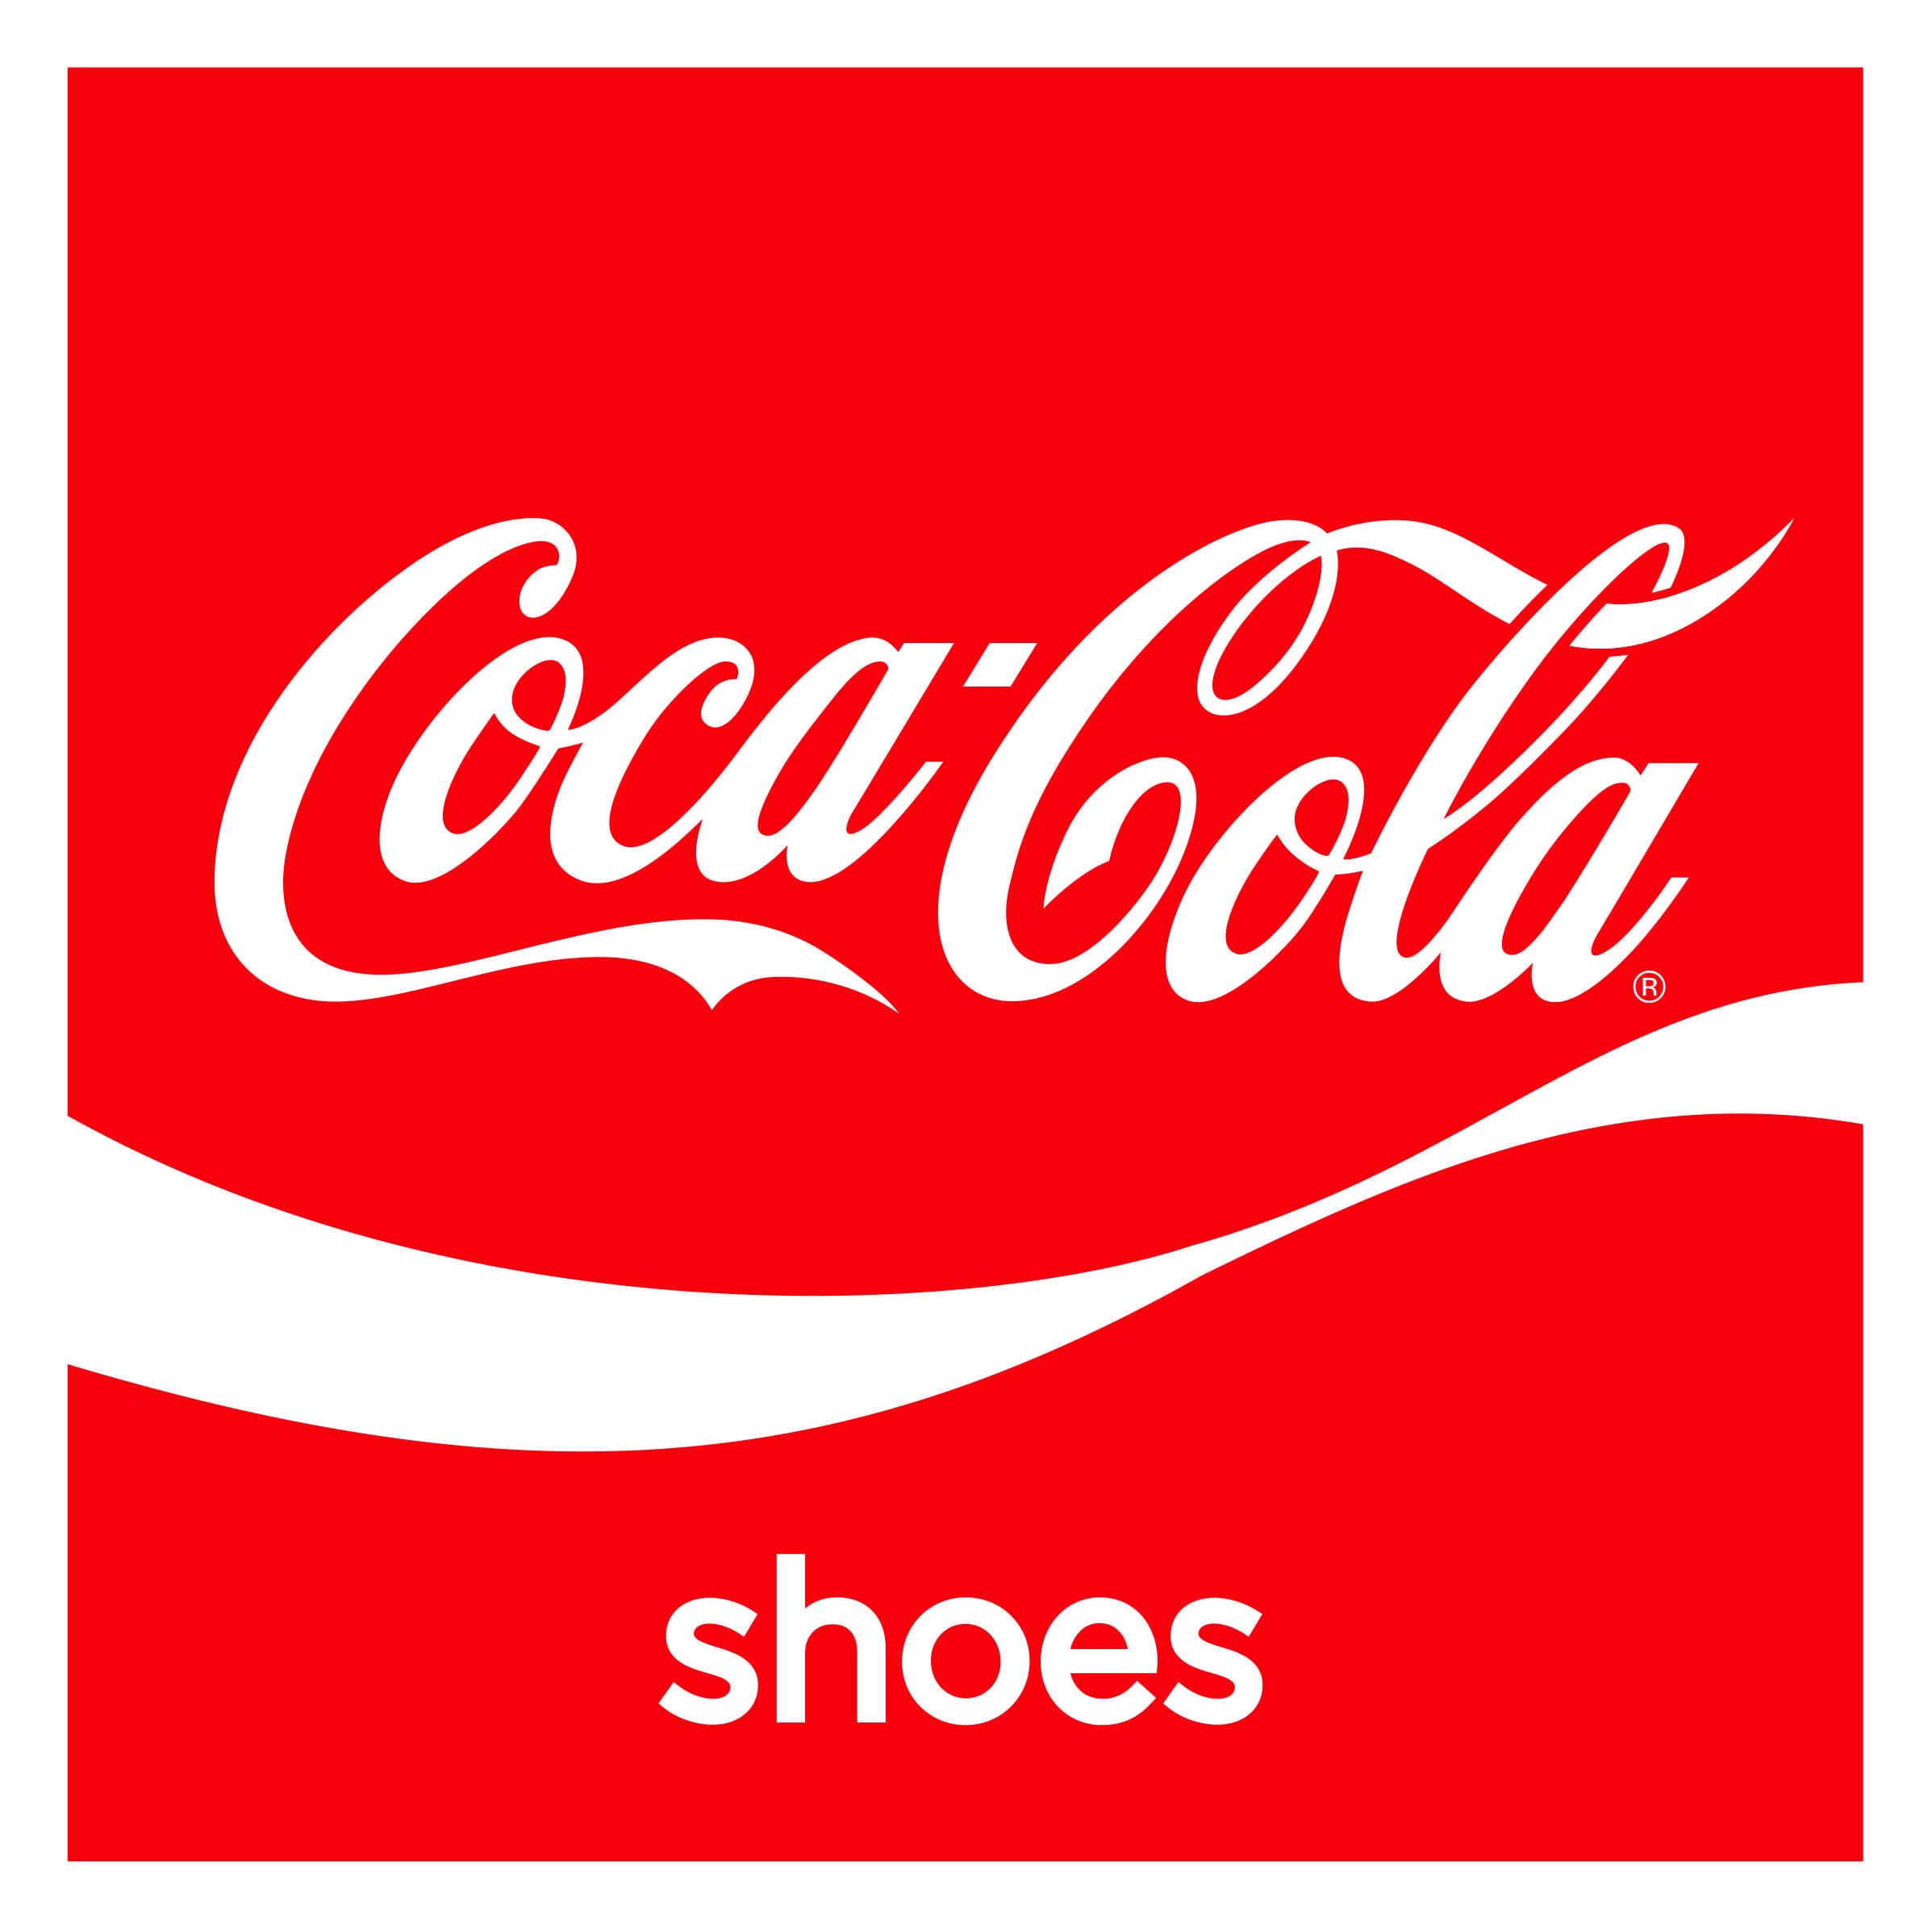 Coca-Cola Shoes - expositores para PDV em 23 lojas no estado de SP